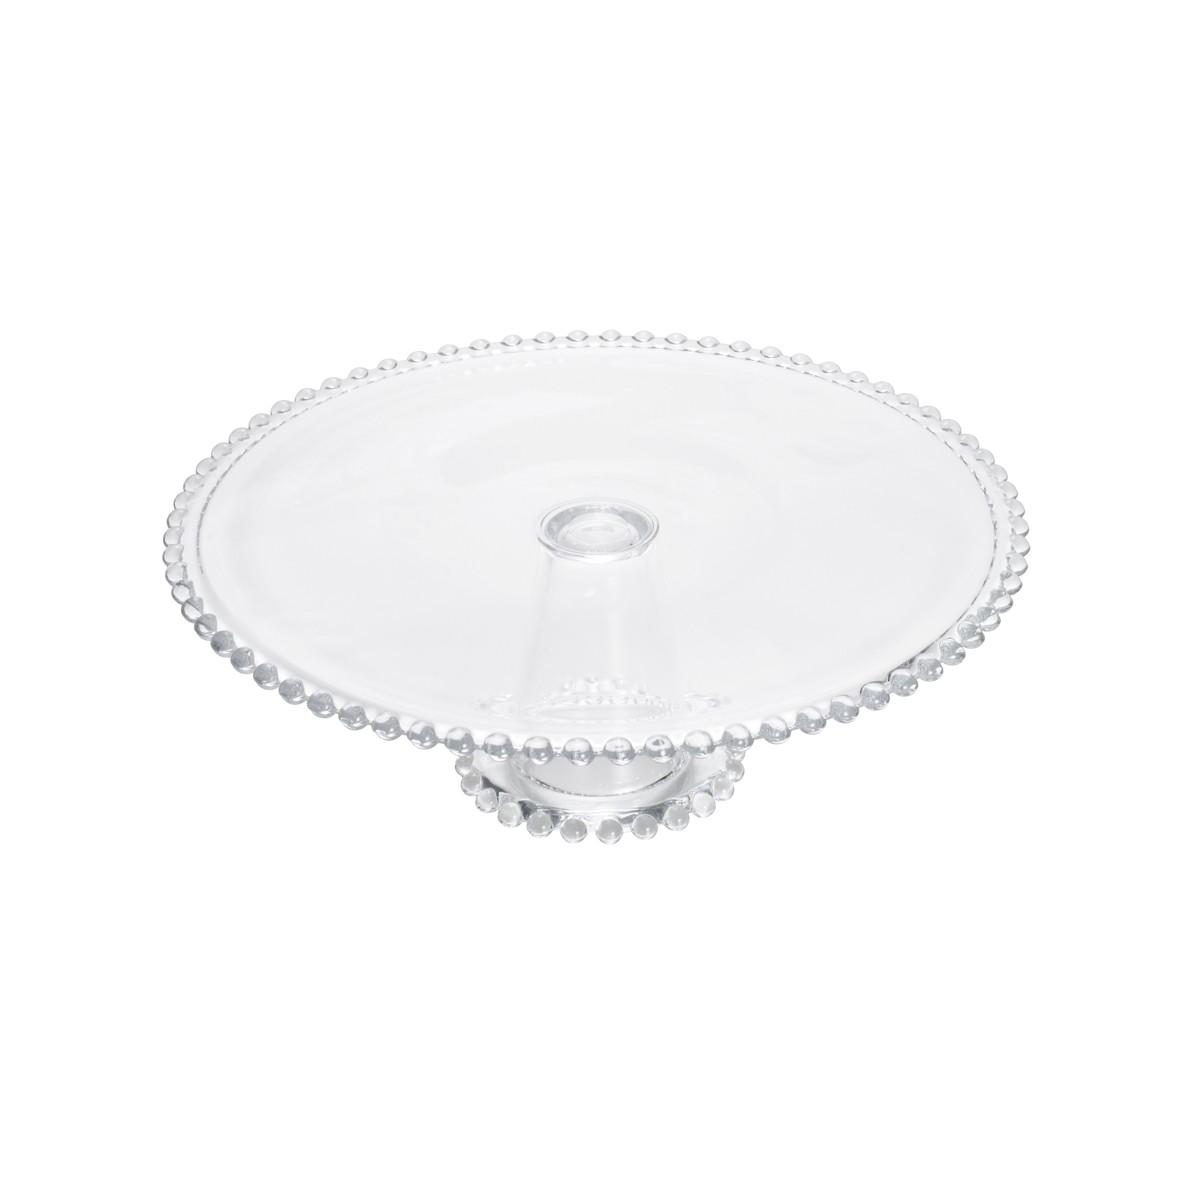 Boleira de Cristal com Pé e Borda de Bolinha Pearl  31x11cm